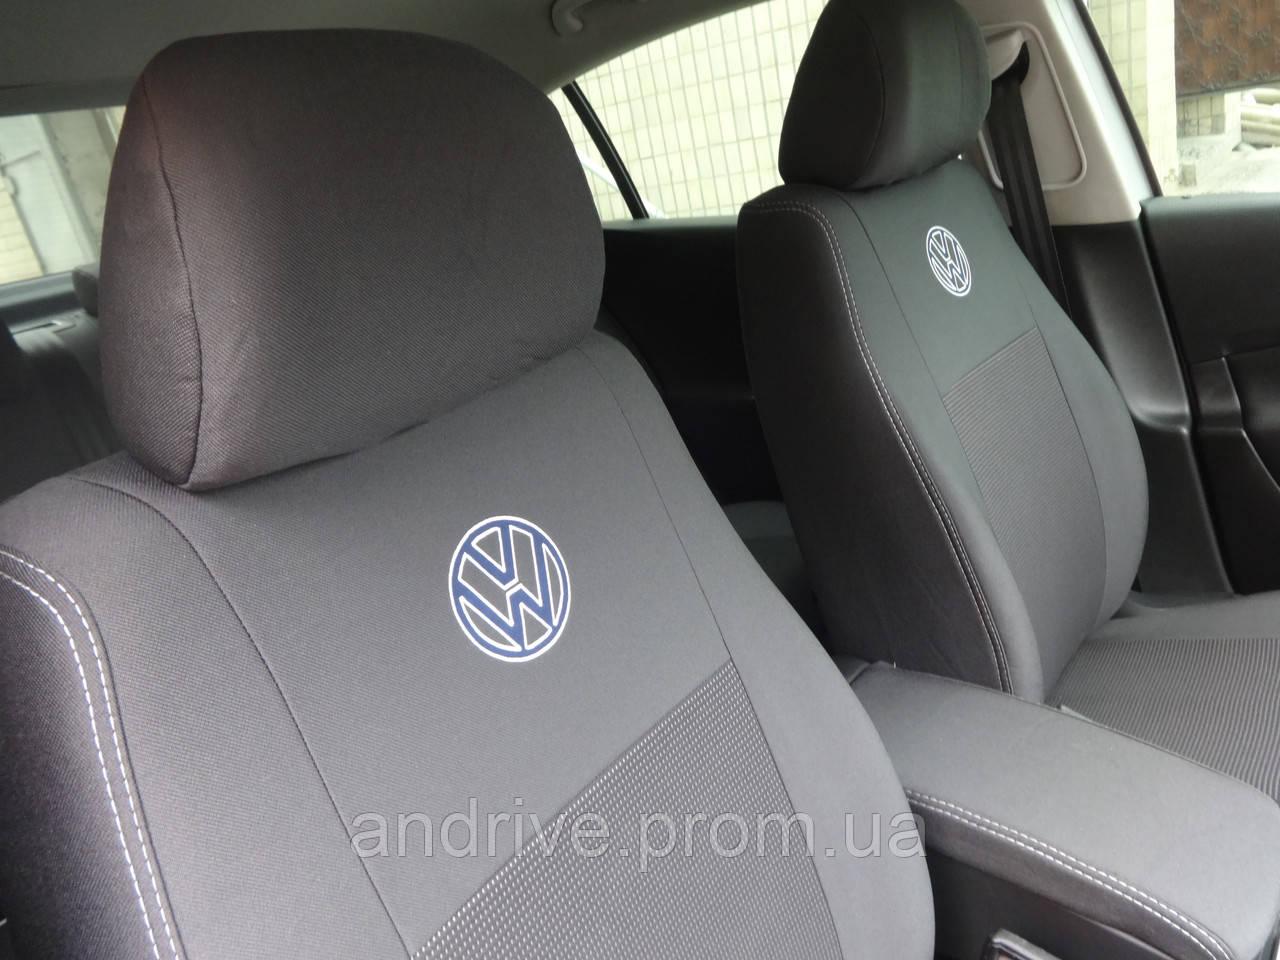 Авточехлы Volkswagen Polo IV Hatchback (раздельный диван) 2002-2005 г